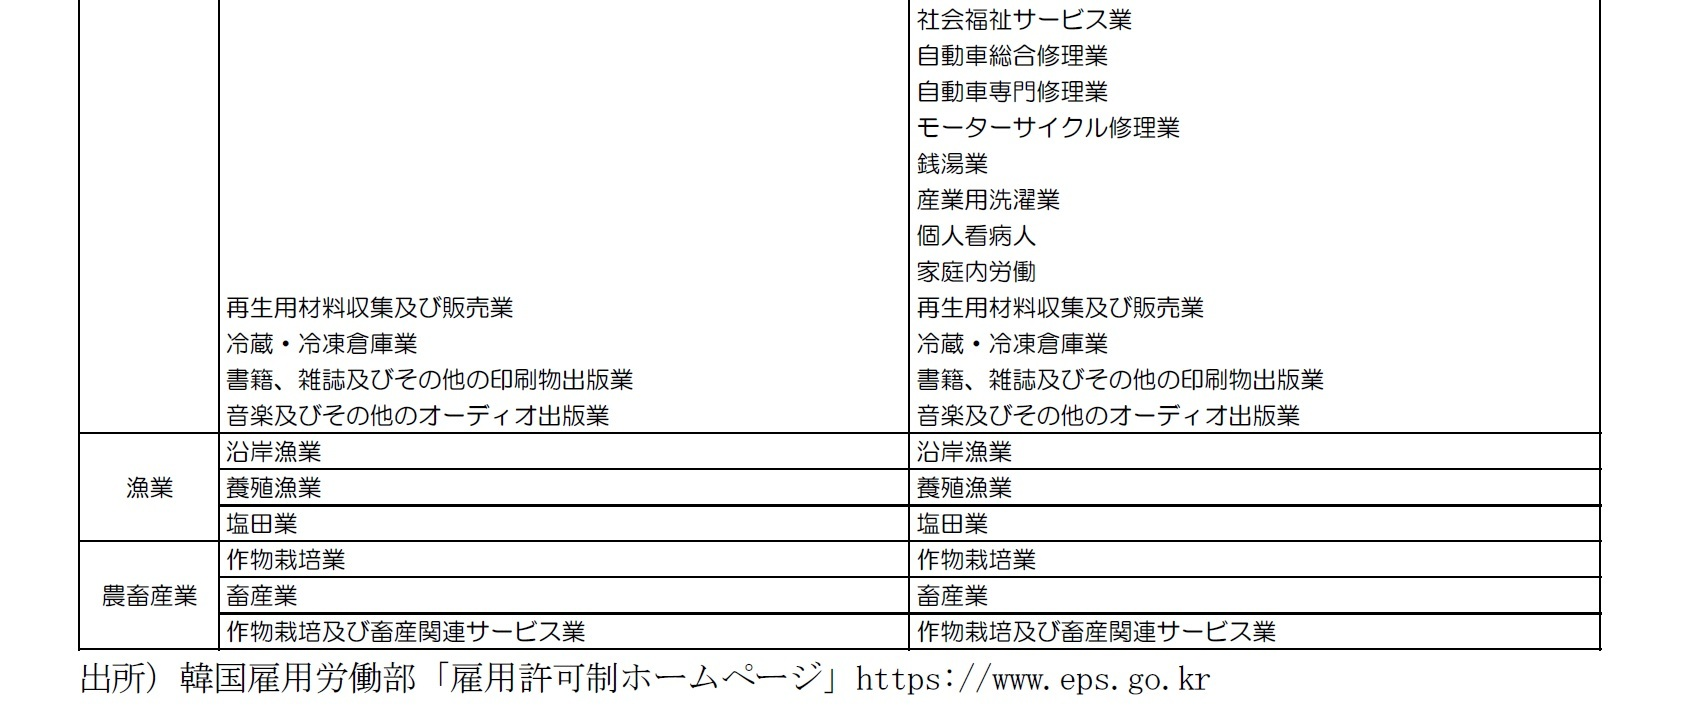 図表7 外国人労働者に対する雇用許可制が適用される業種2